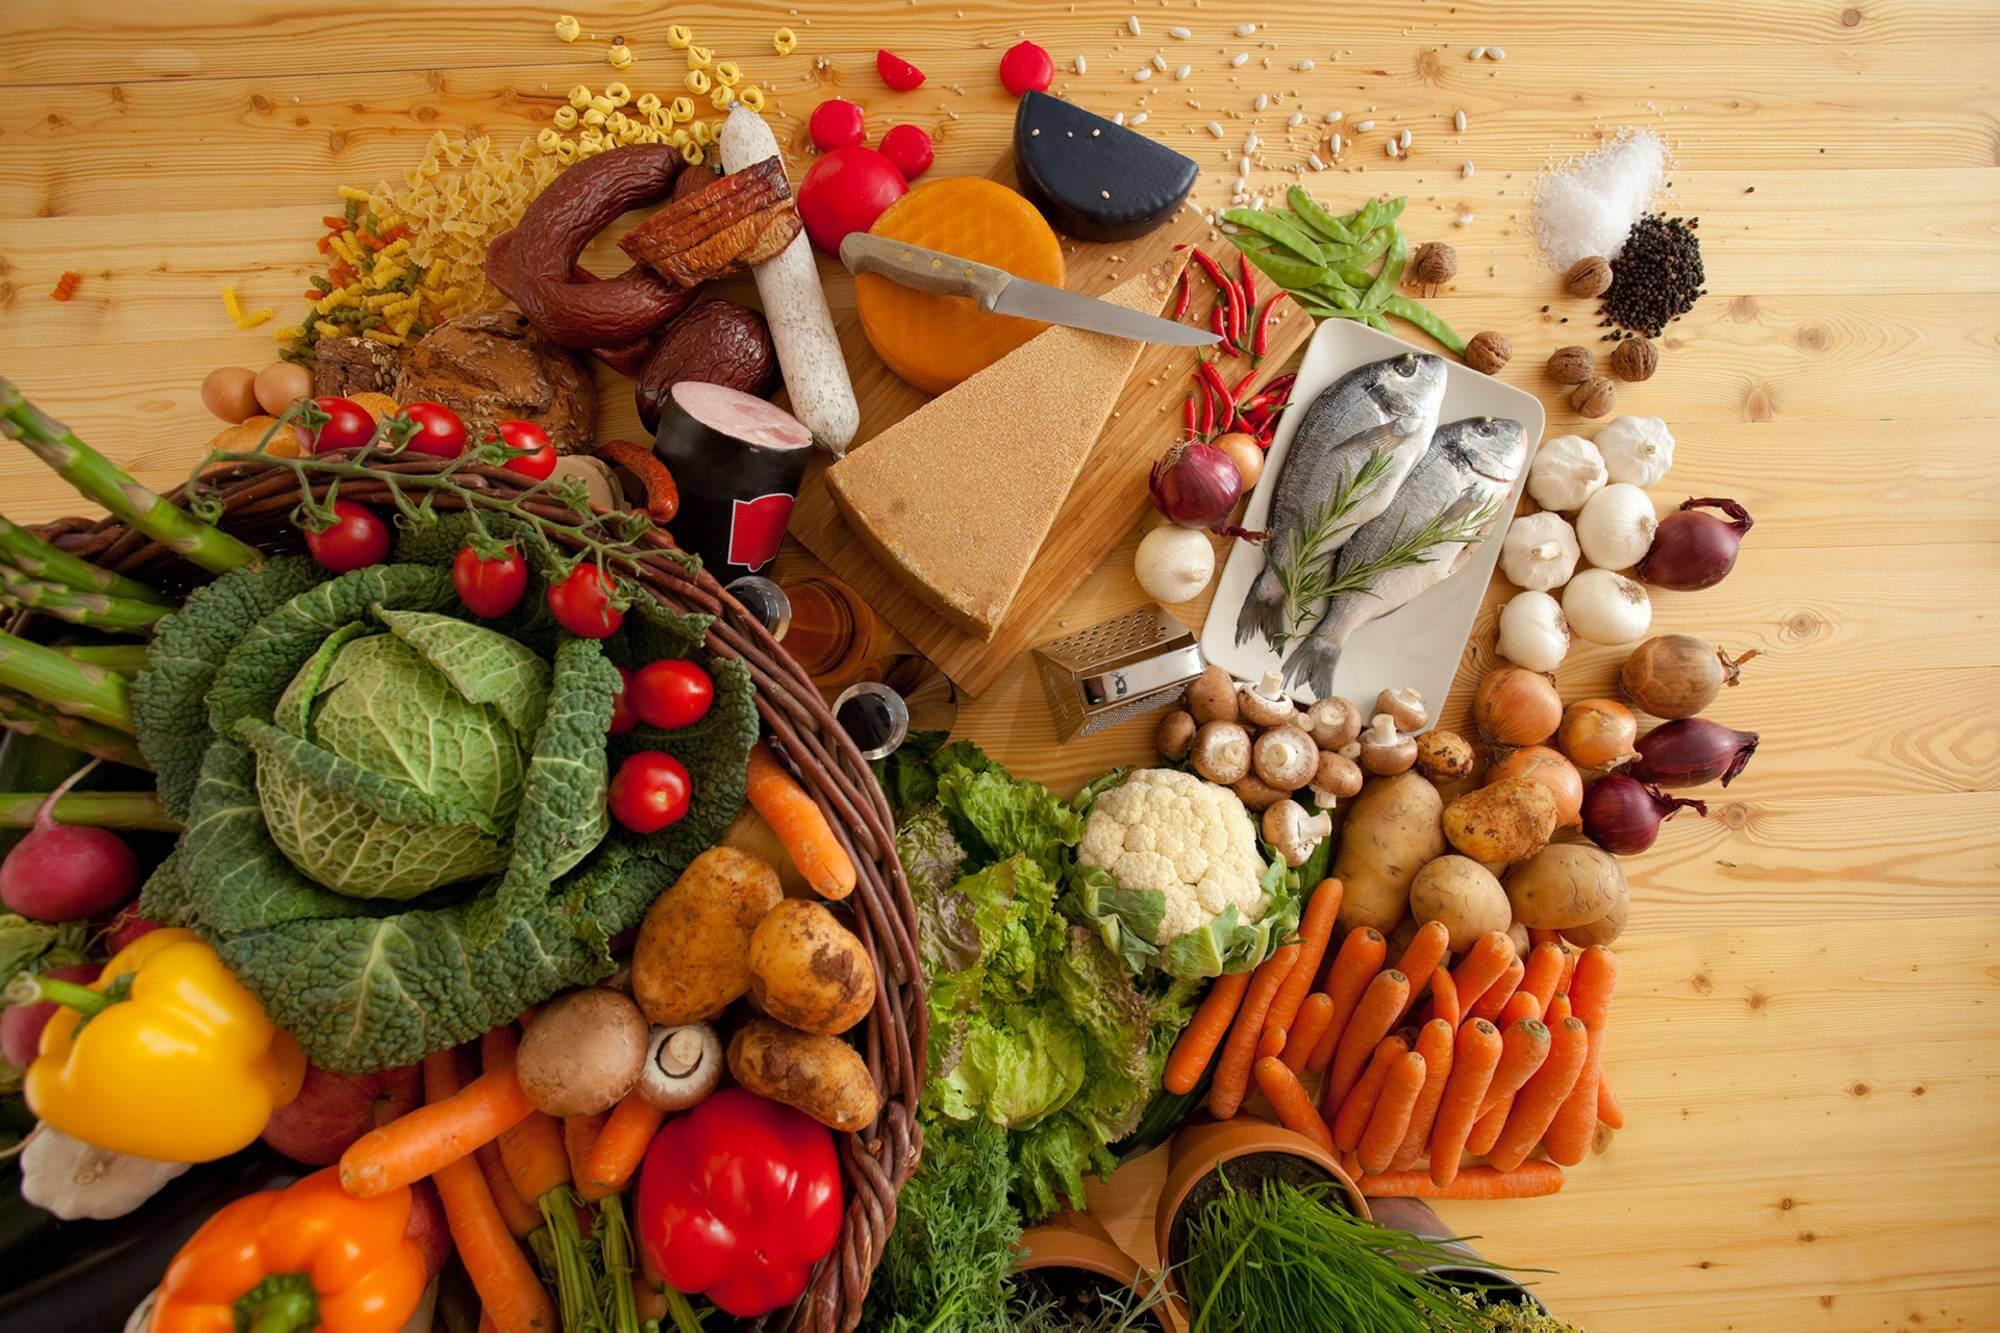 Галка рекомендує: що їсти, аби швидше впоратися із стресом і тривогою